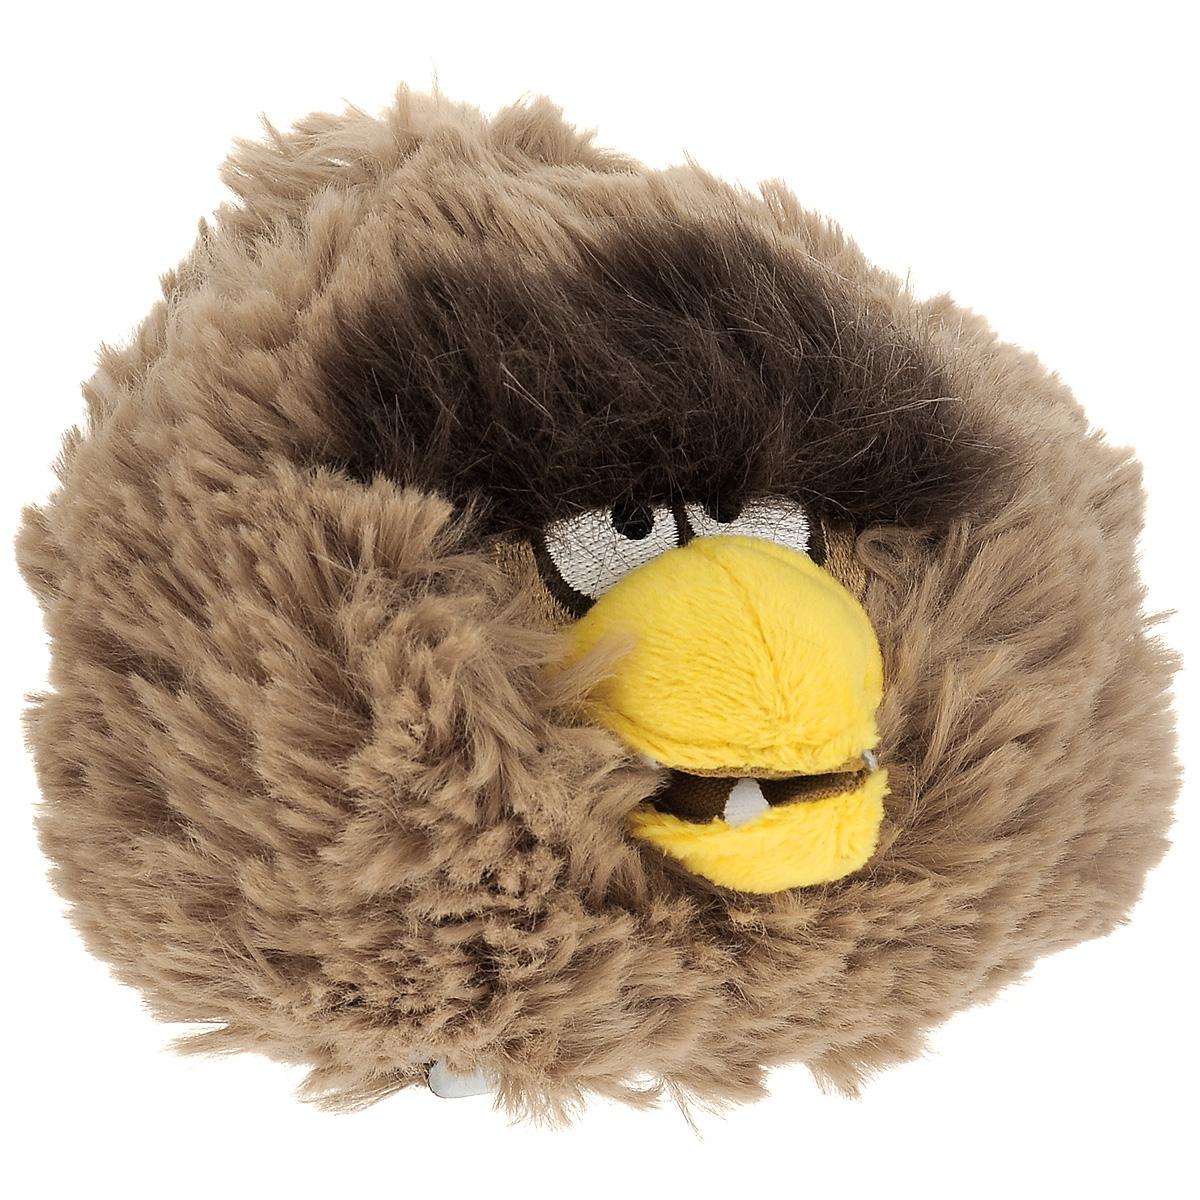 Мягкая игрушка Angry Birds Star Wars Чубакка, 12 см93231Плюшевая игрушка выполнена в виде Чубакки - персонажа игры Angry Birds Star Wars. Глазки героя вышиты нитками. Удивительно мягкая игрушка принесет радость и подарит своему обладателю мгновения нежных объятий и приятных воспоминаний.